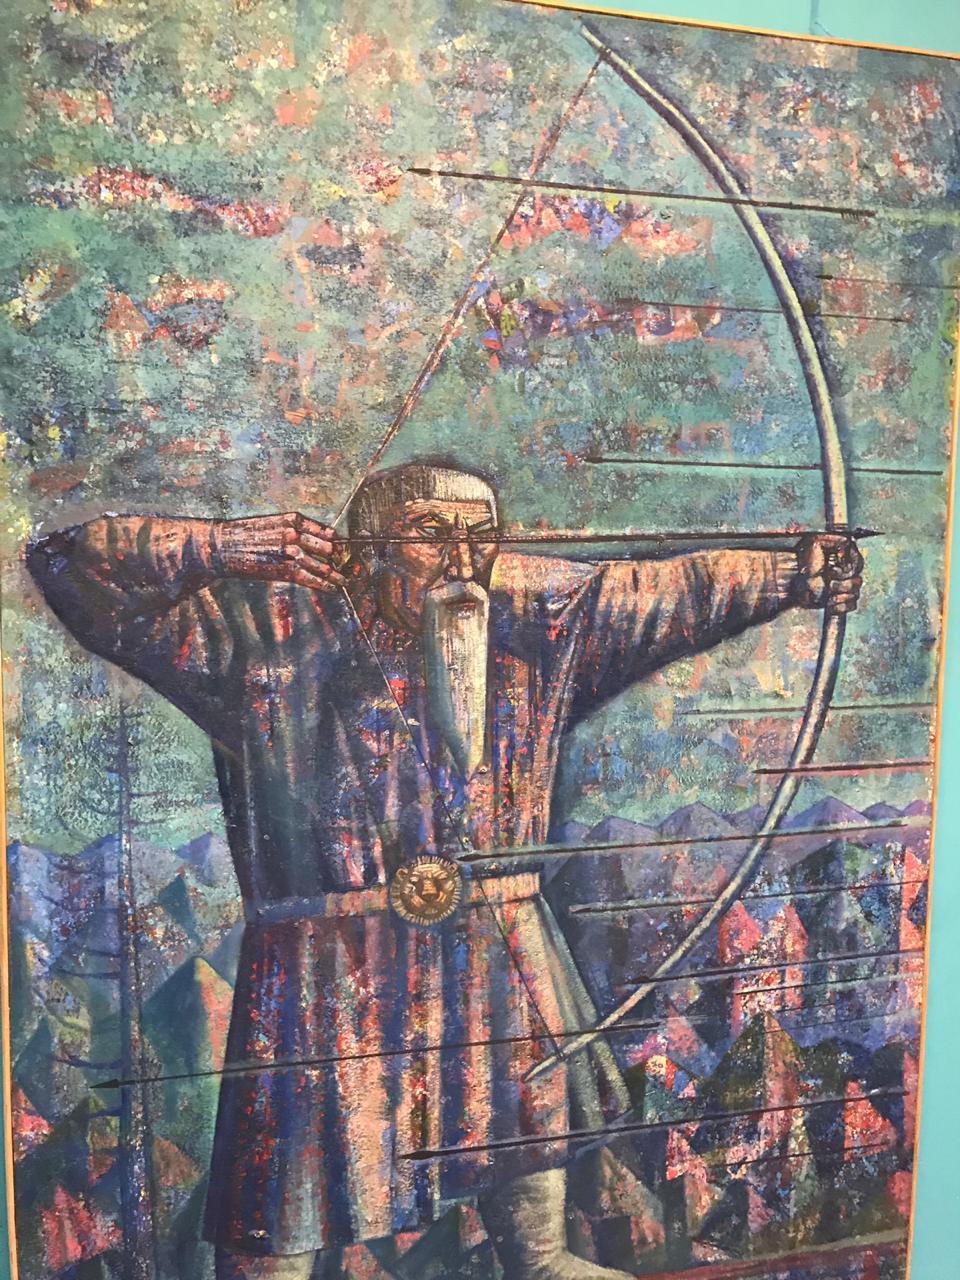 Открытие персональной юбилейной выставки башкирского художника Джалиля Сулейманова